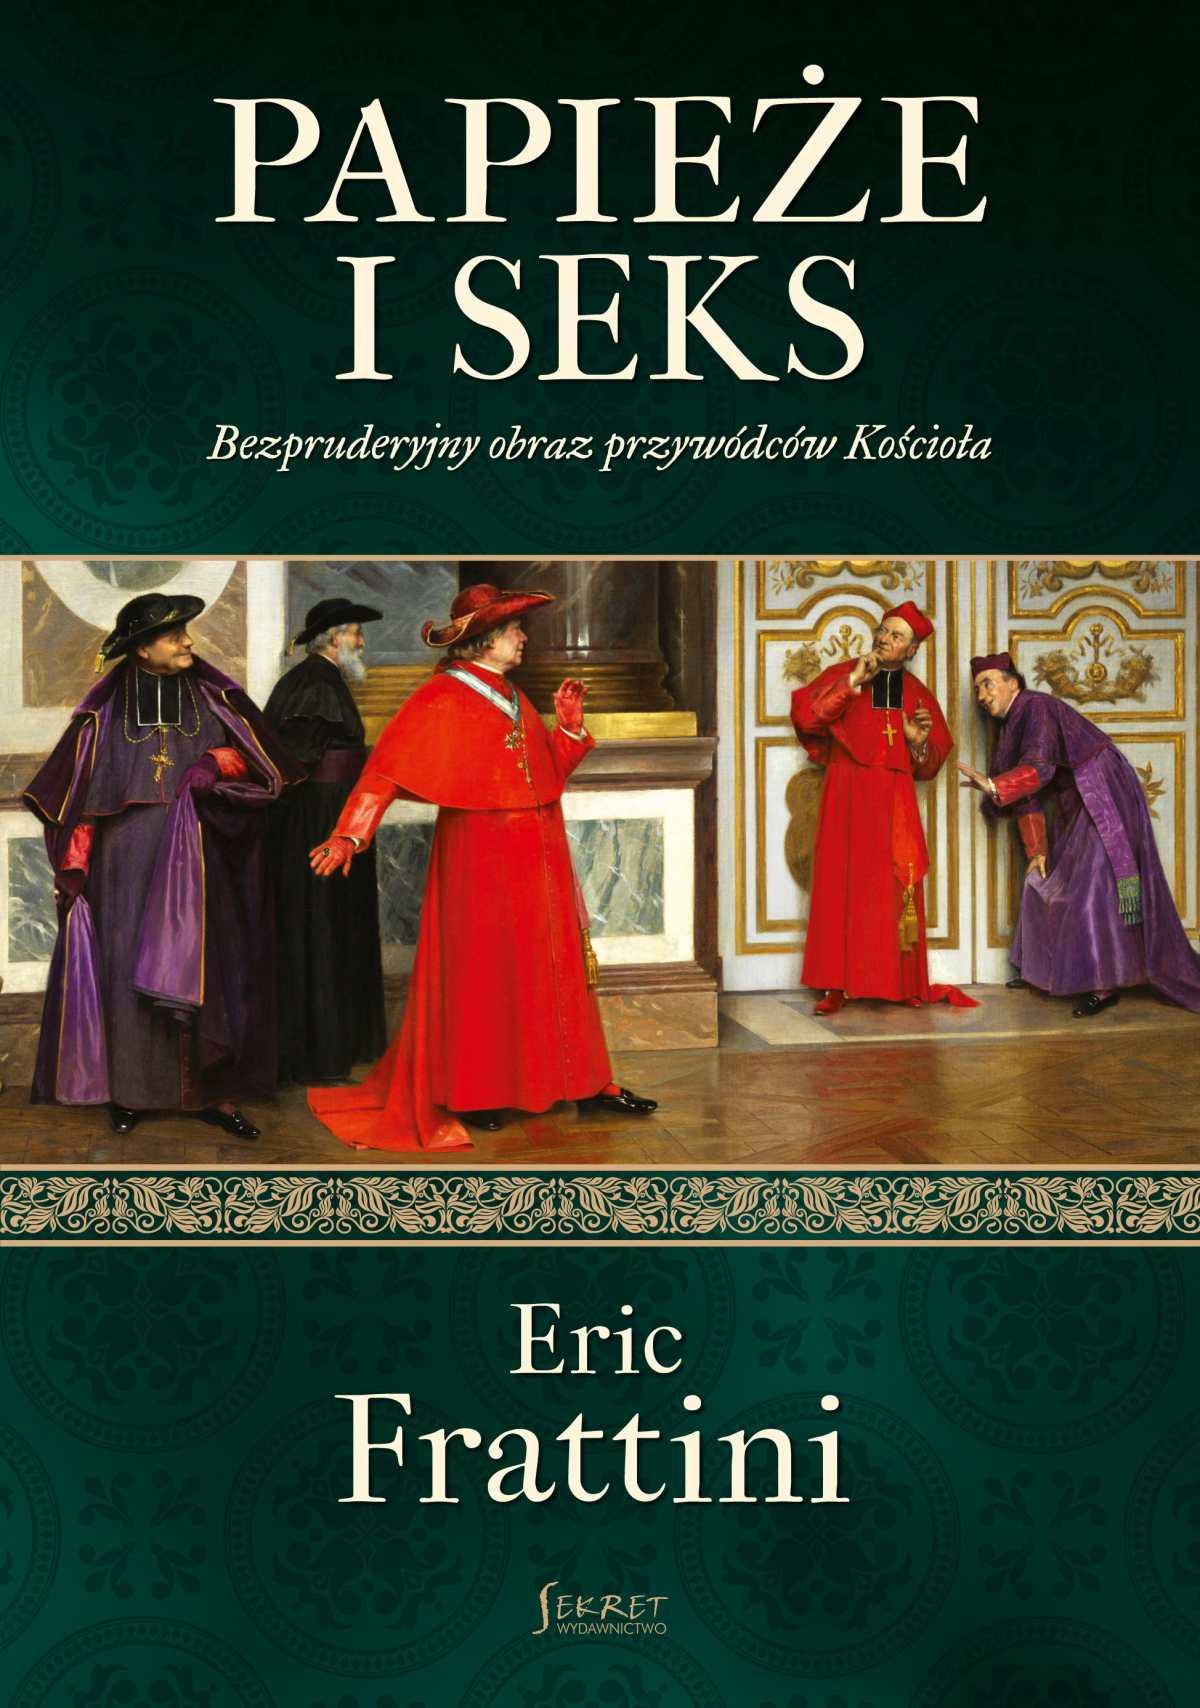 Papieże i seks - Ebook (Książka EPUB) do pobrania w formacie EPUB